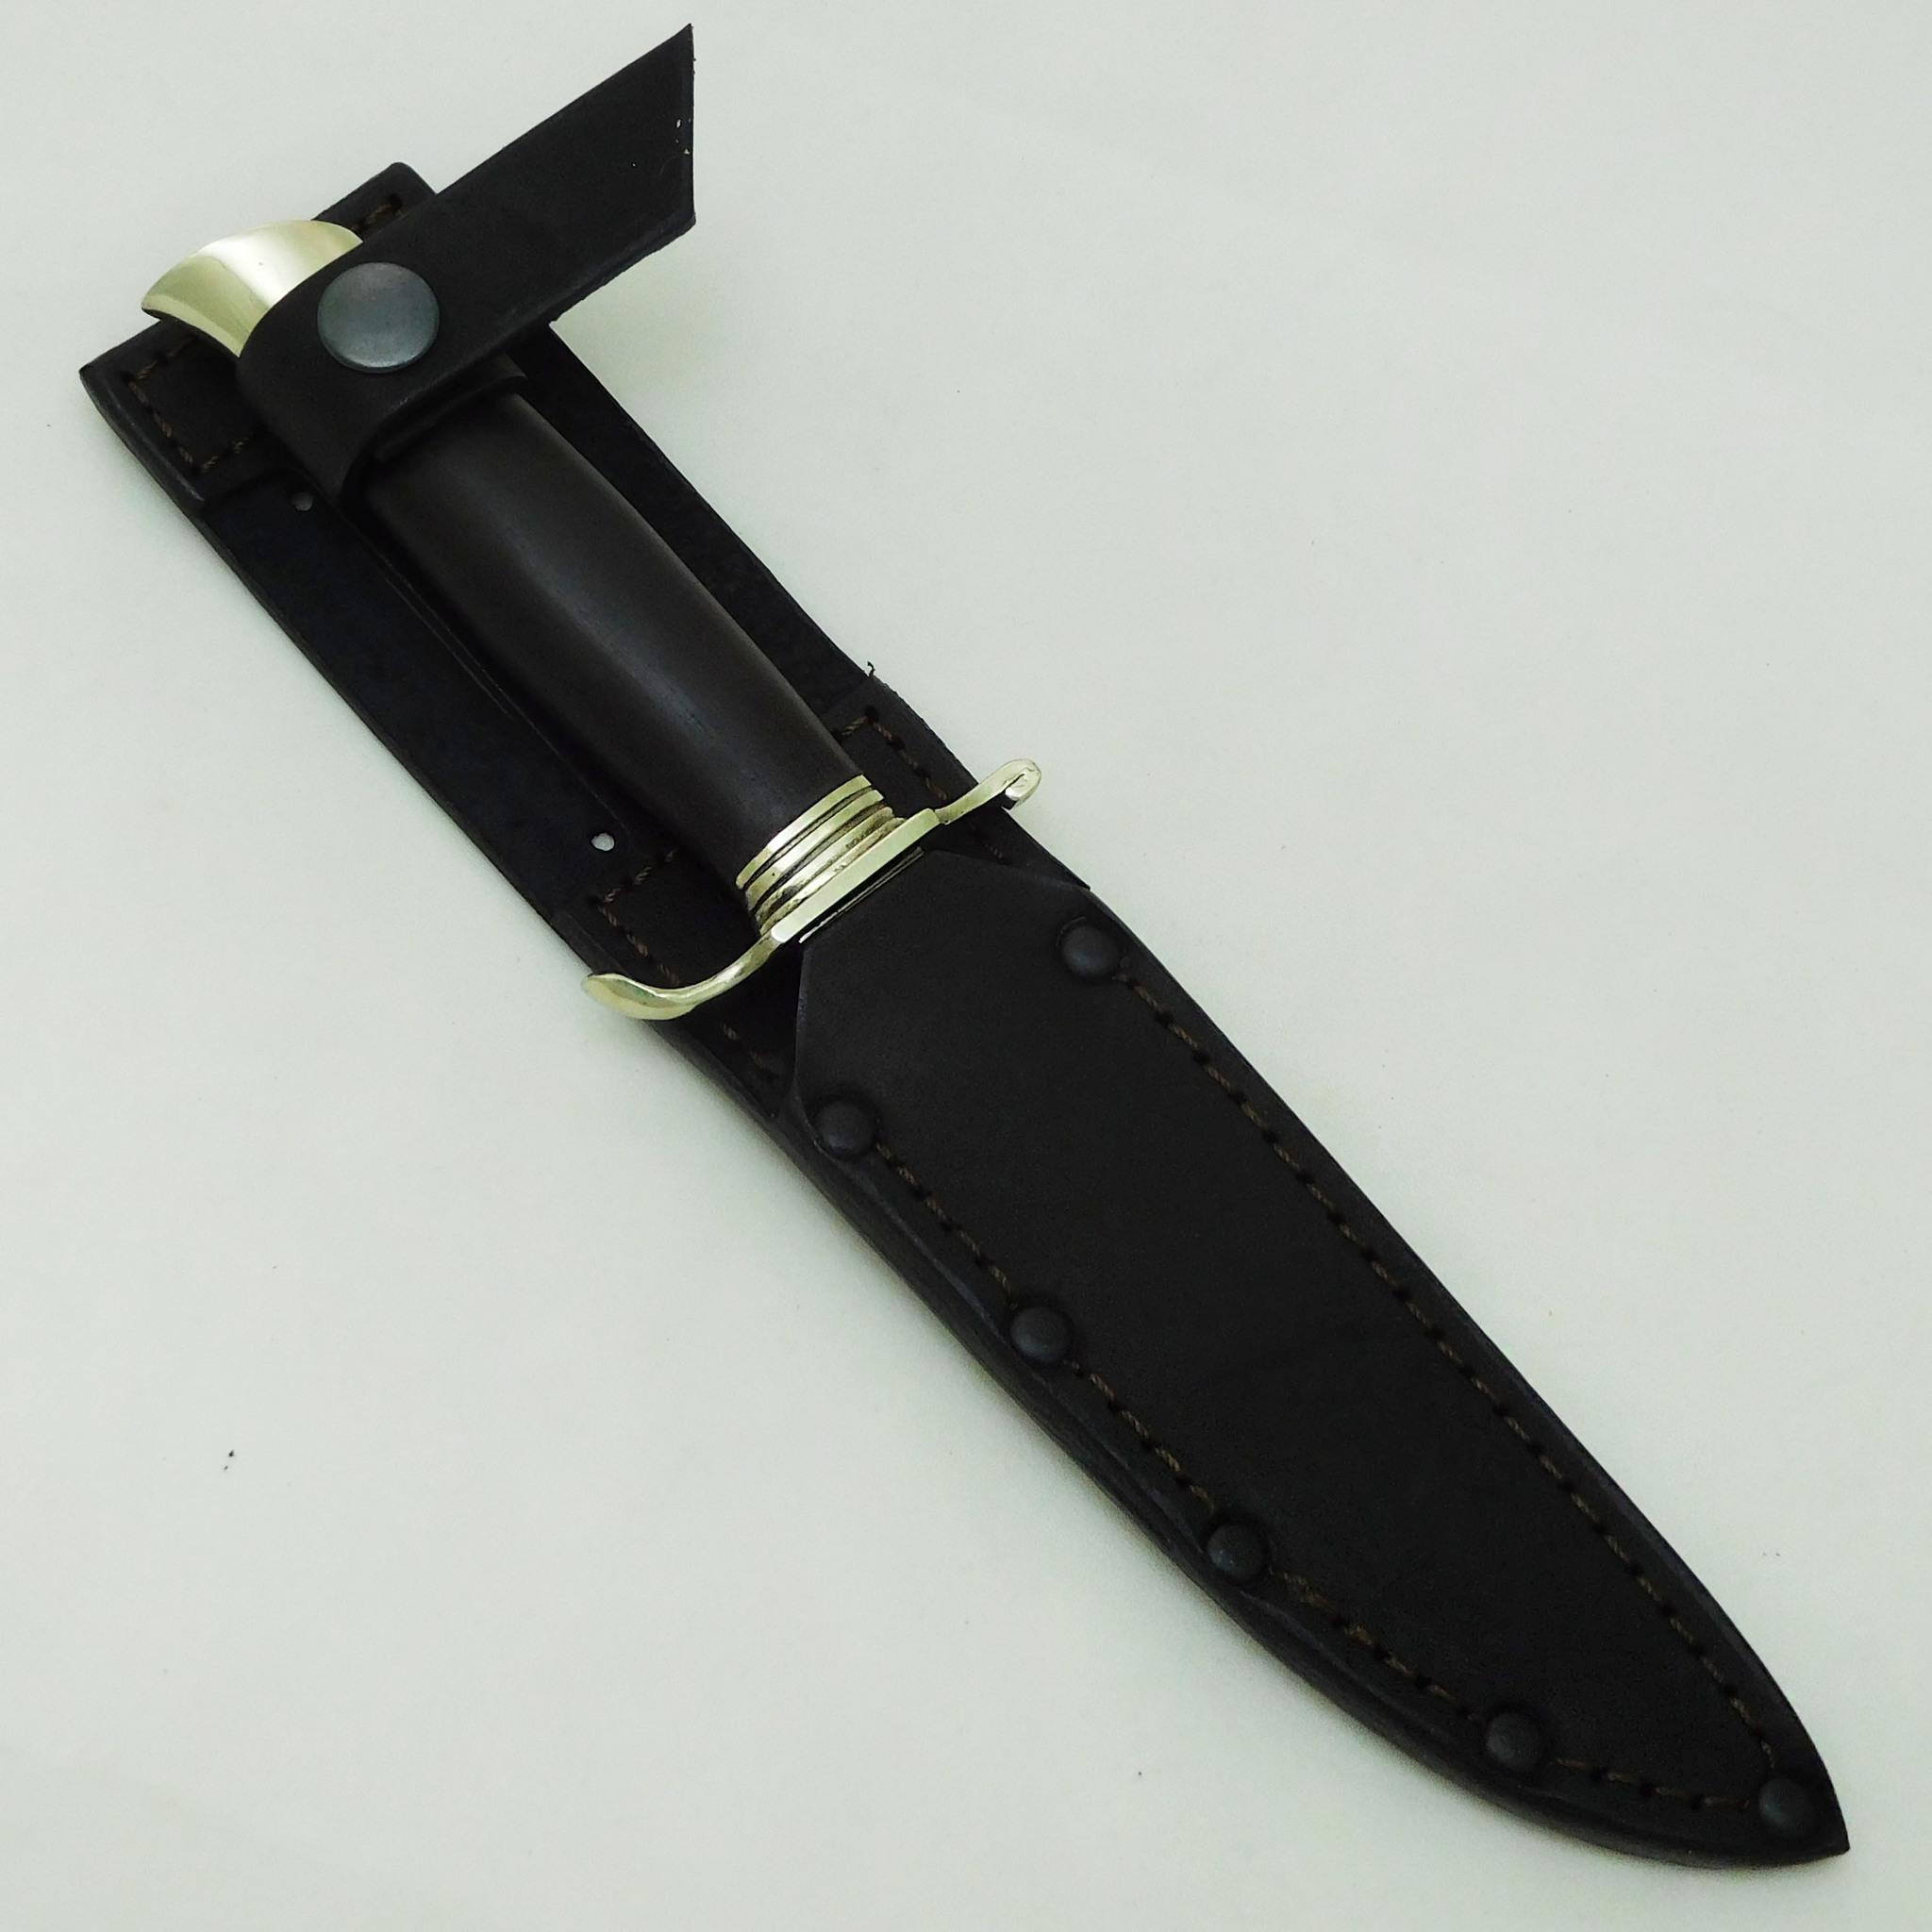 Фото 4 - Нож Финка НКВД, кованая, сталь 95х18, мельхиор от АТАКА